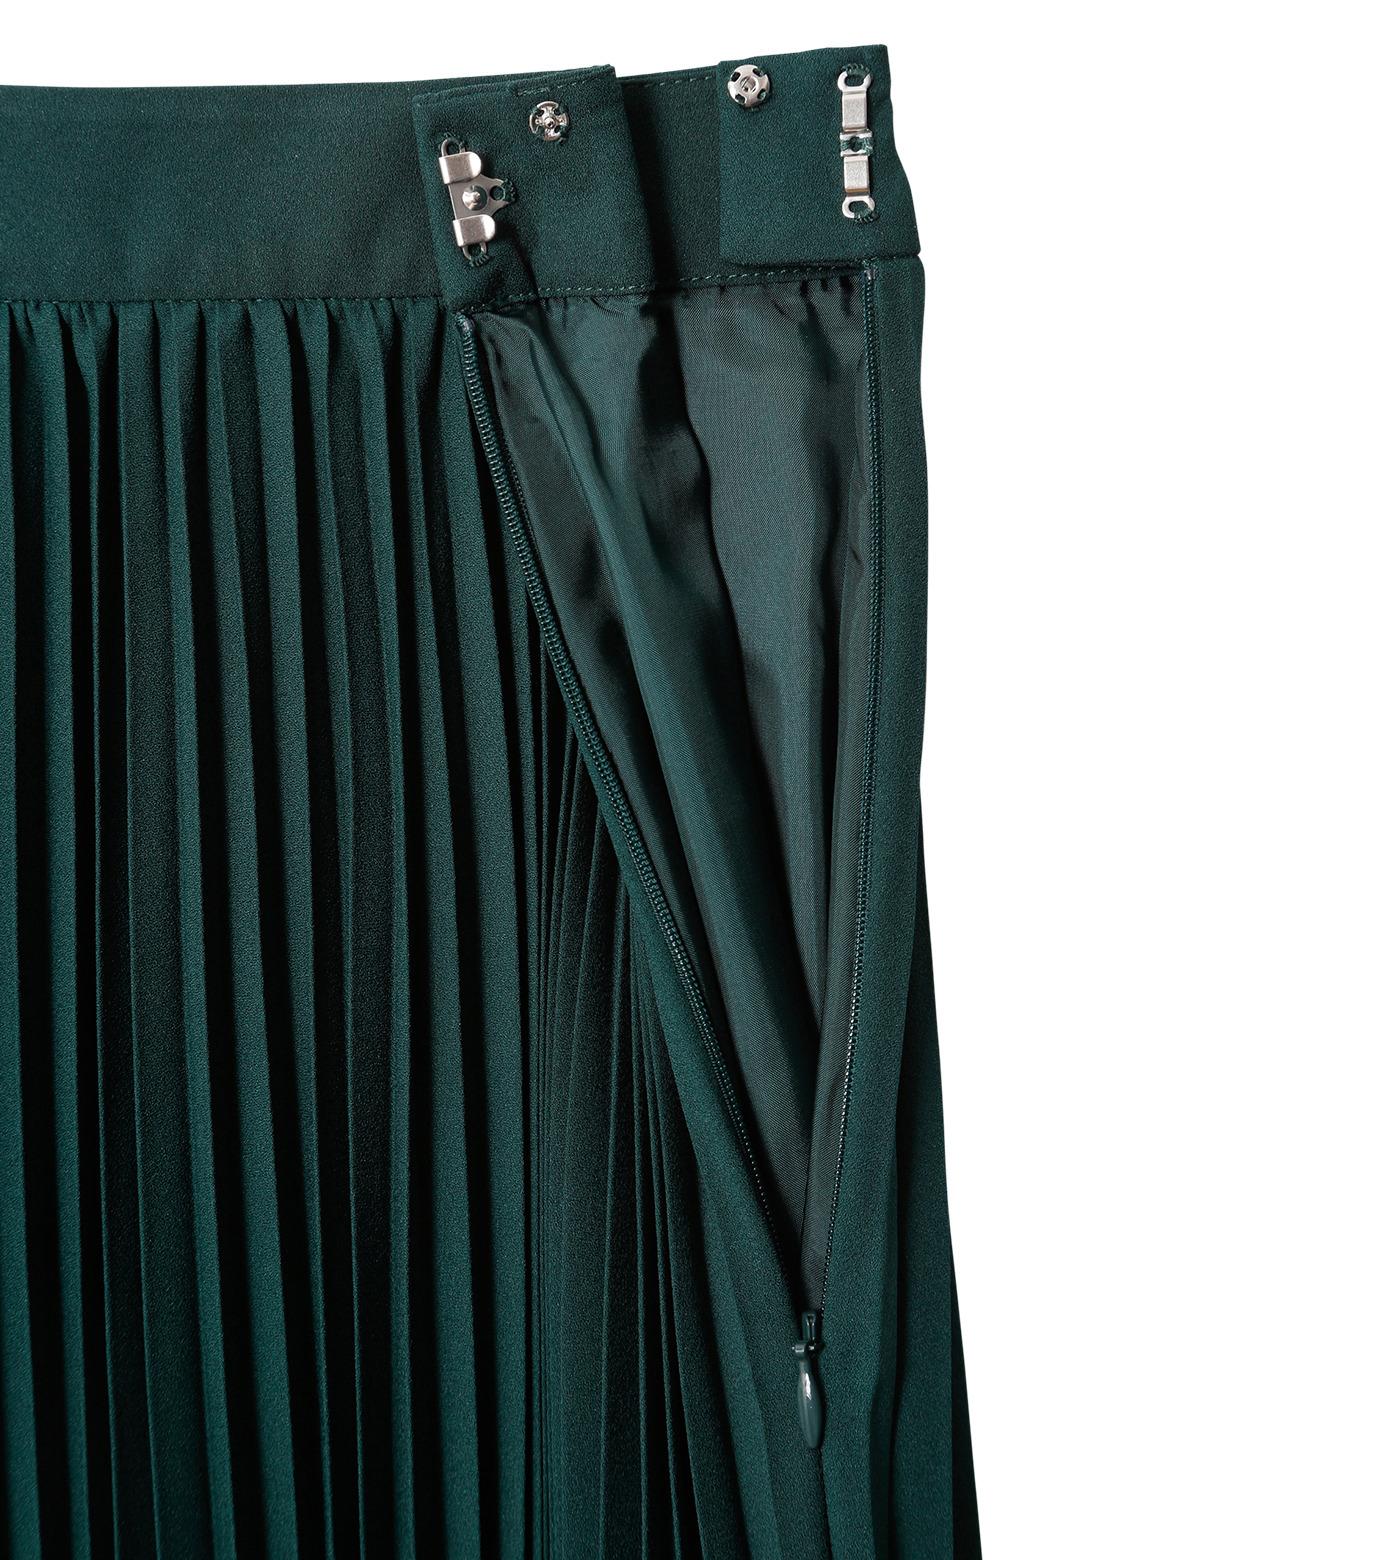 LE CIEL BLEU(ルシェルブルー)のハンカチーフヘムプリーツスカート-GREEN(スカート/skirt)-18A67423 拡大詳細画像5